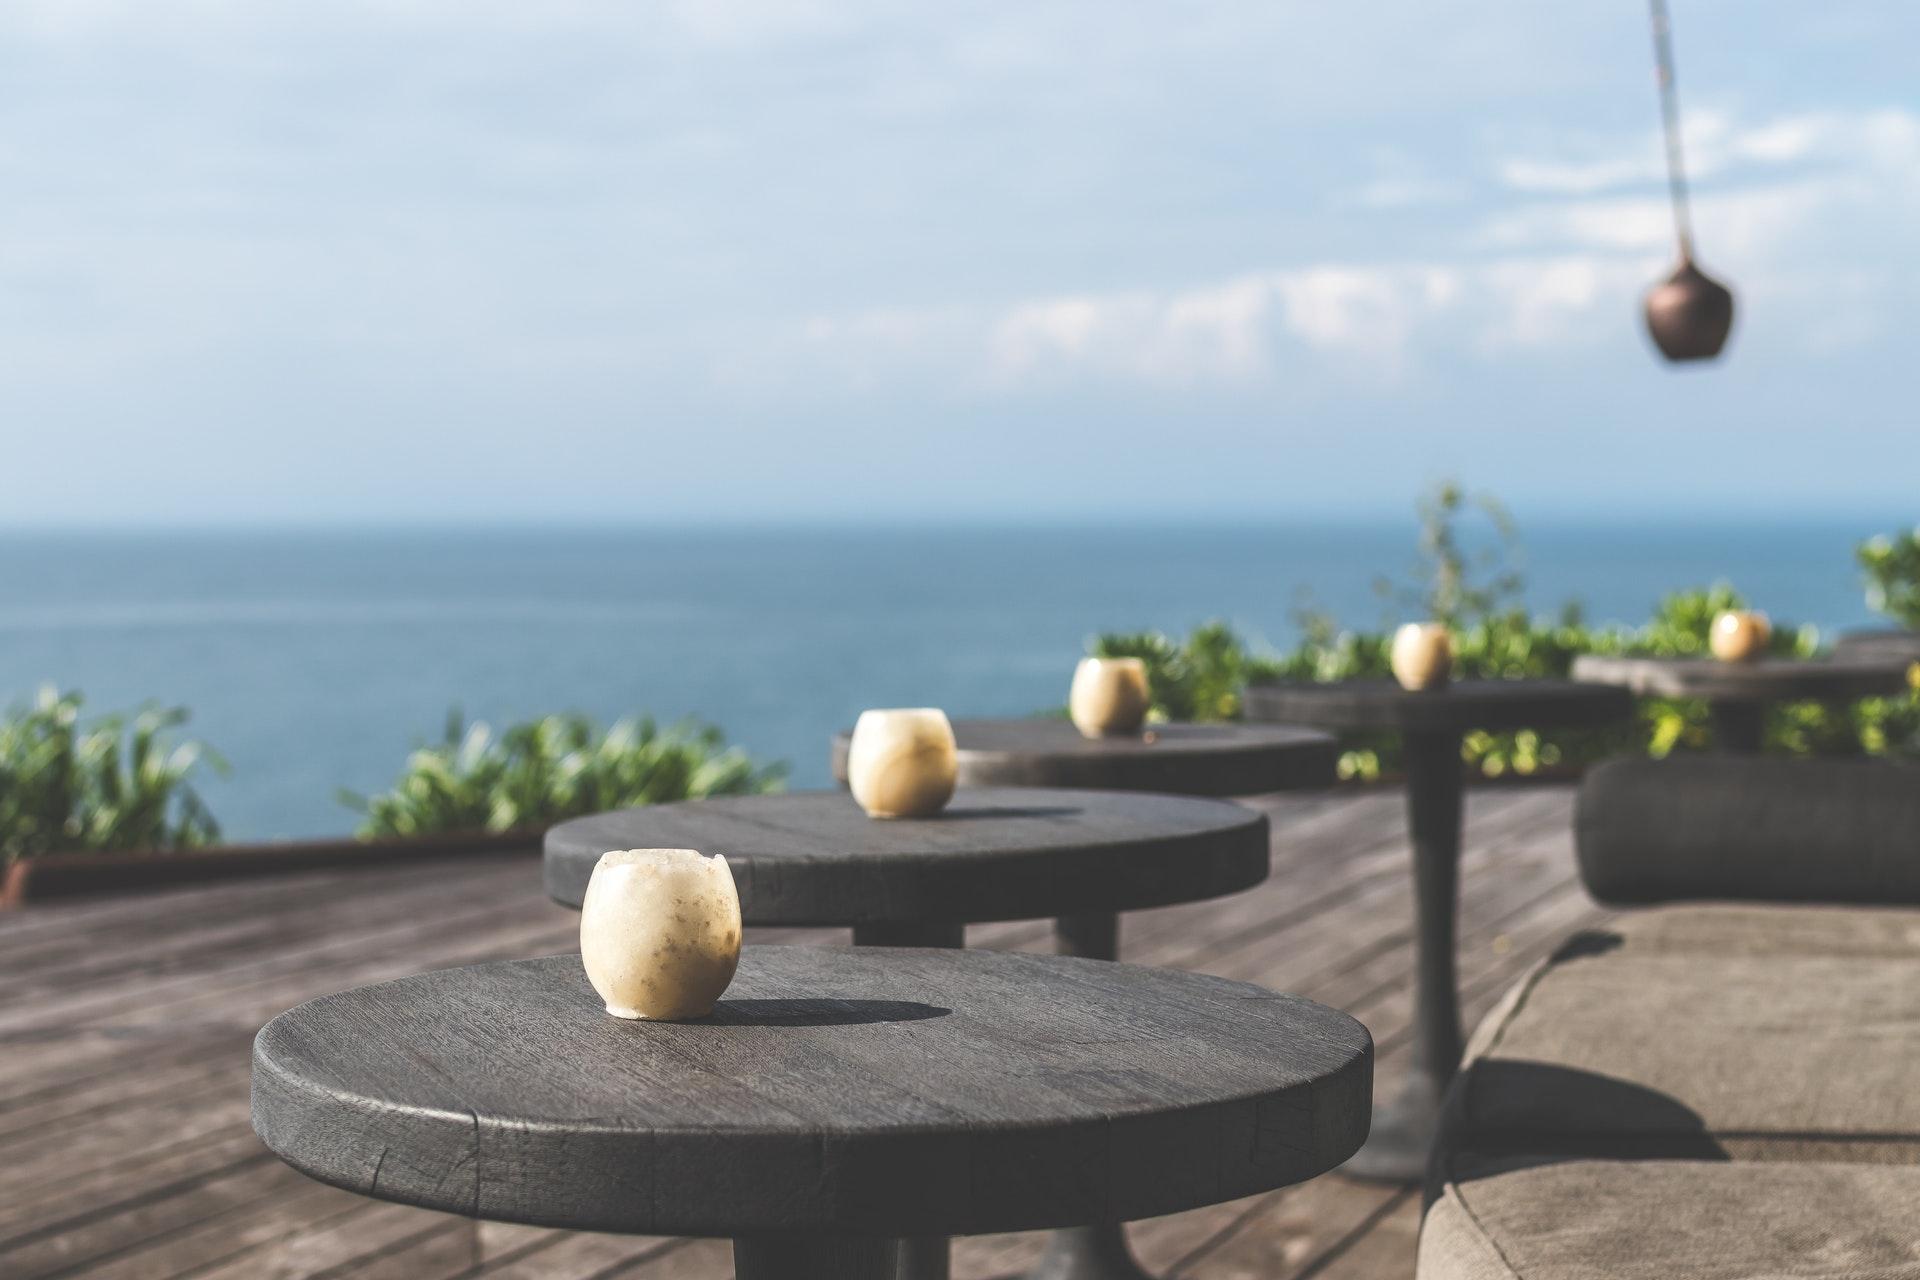 Houten-terras-met-tafels